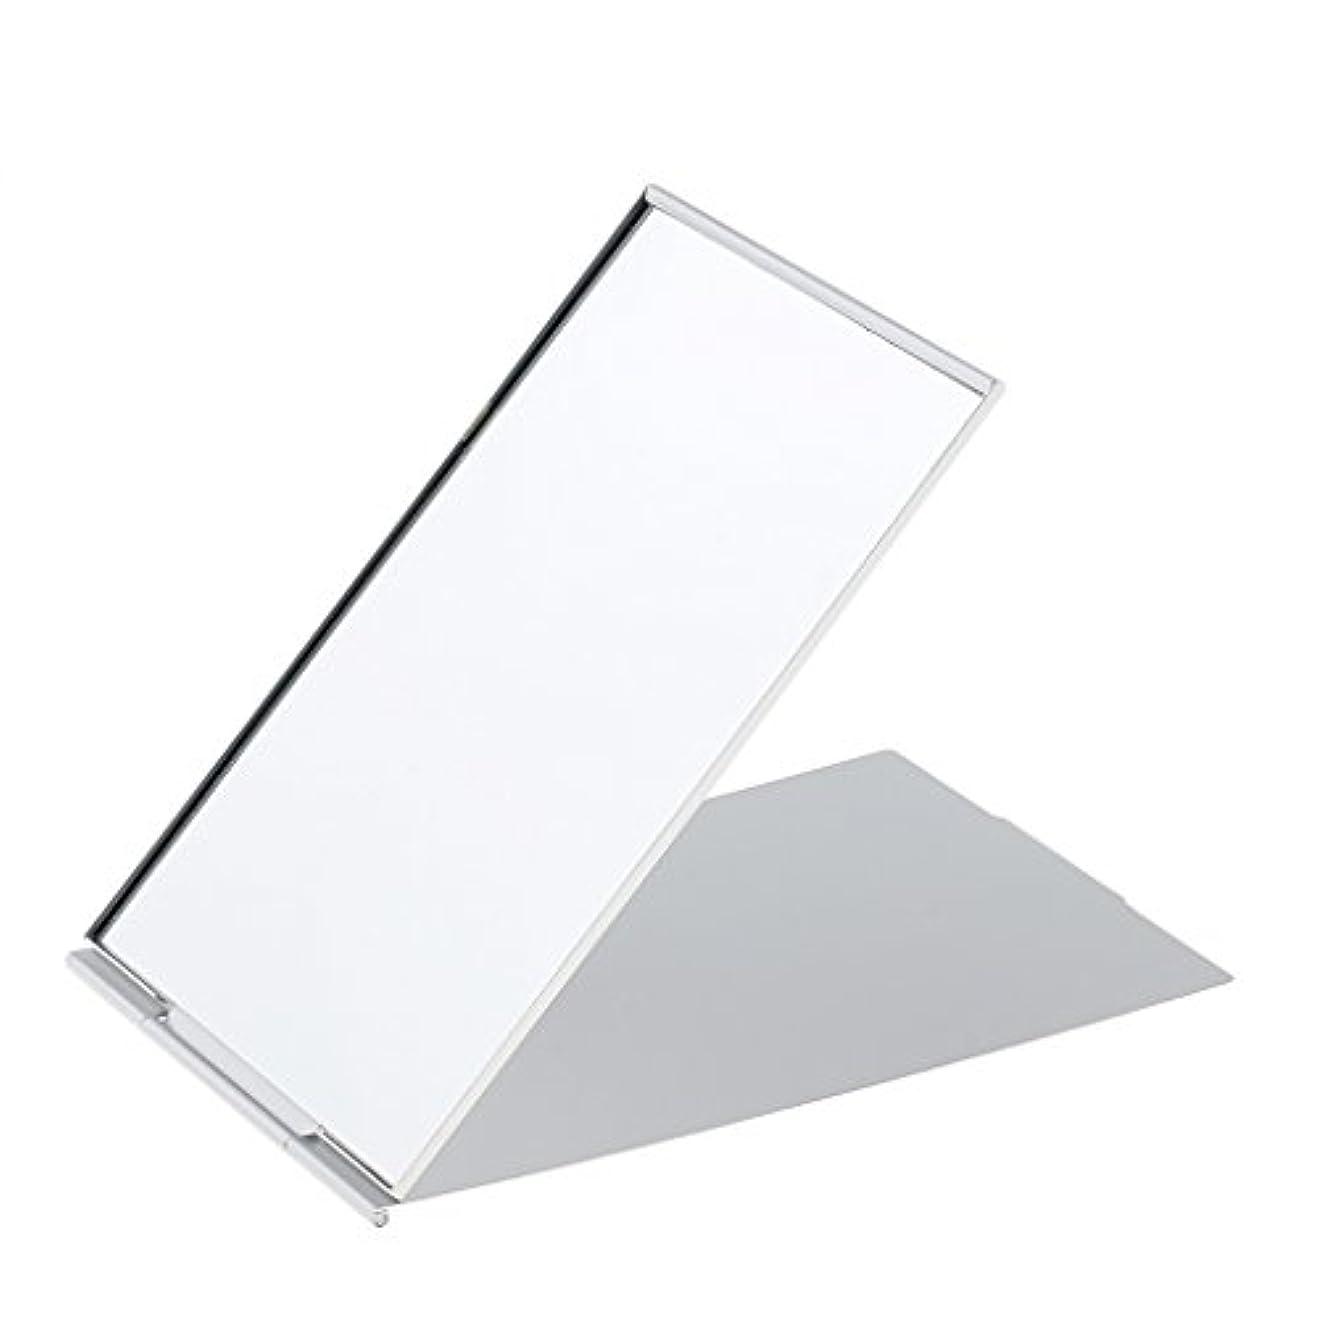 議論するカウントアップ幸運ミニ旅行ポータブル折り畳み式ハンドバッグポケットコンパクト化粧鏡シルバー - #2